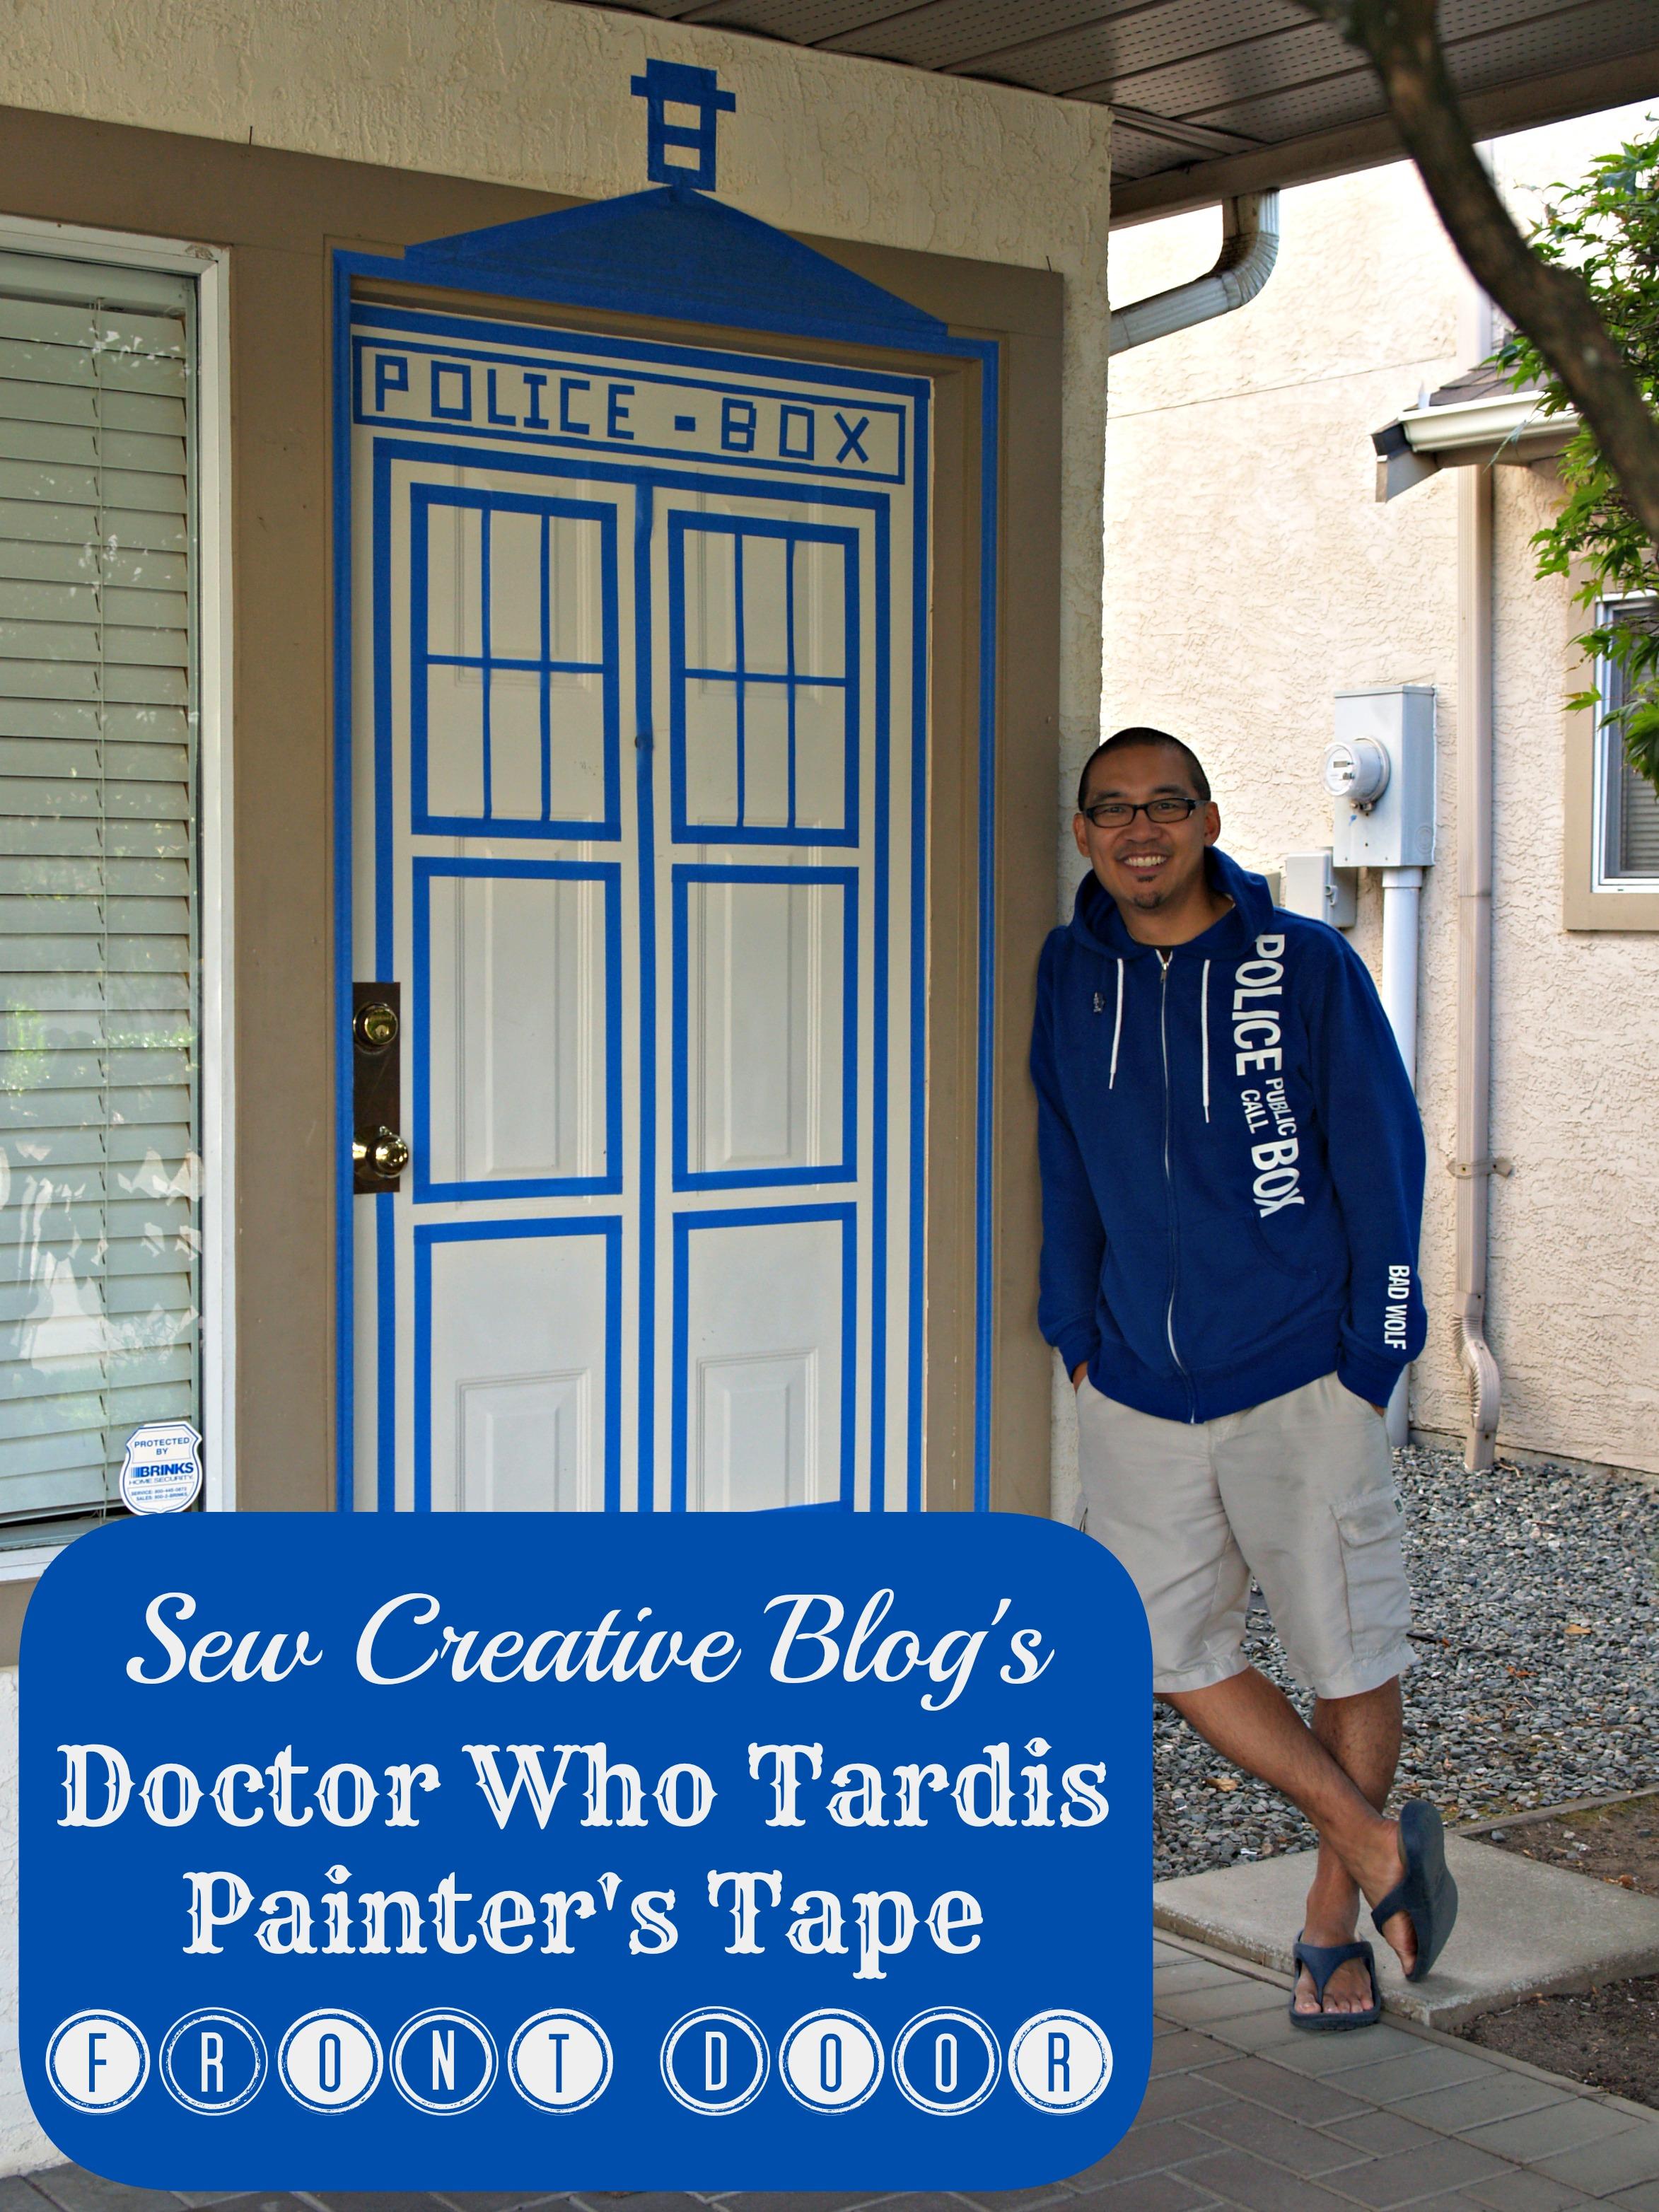 Doctor Who Painters Tape Tardis Front Door Decor - Sew Creative BlogSew Creative Blog & Doctor Who Painters Tape Tardis Front Door Decor - Sew Creative ...